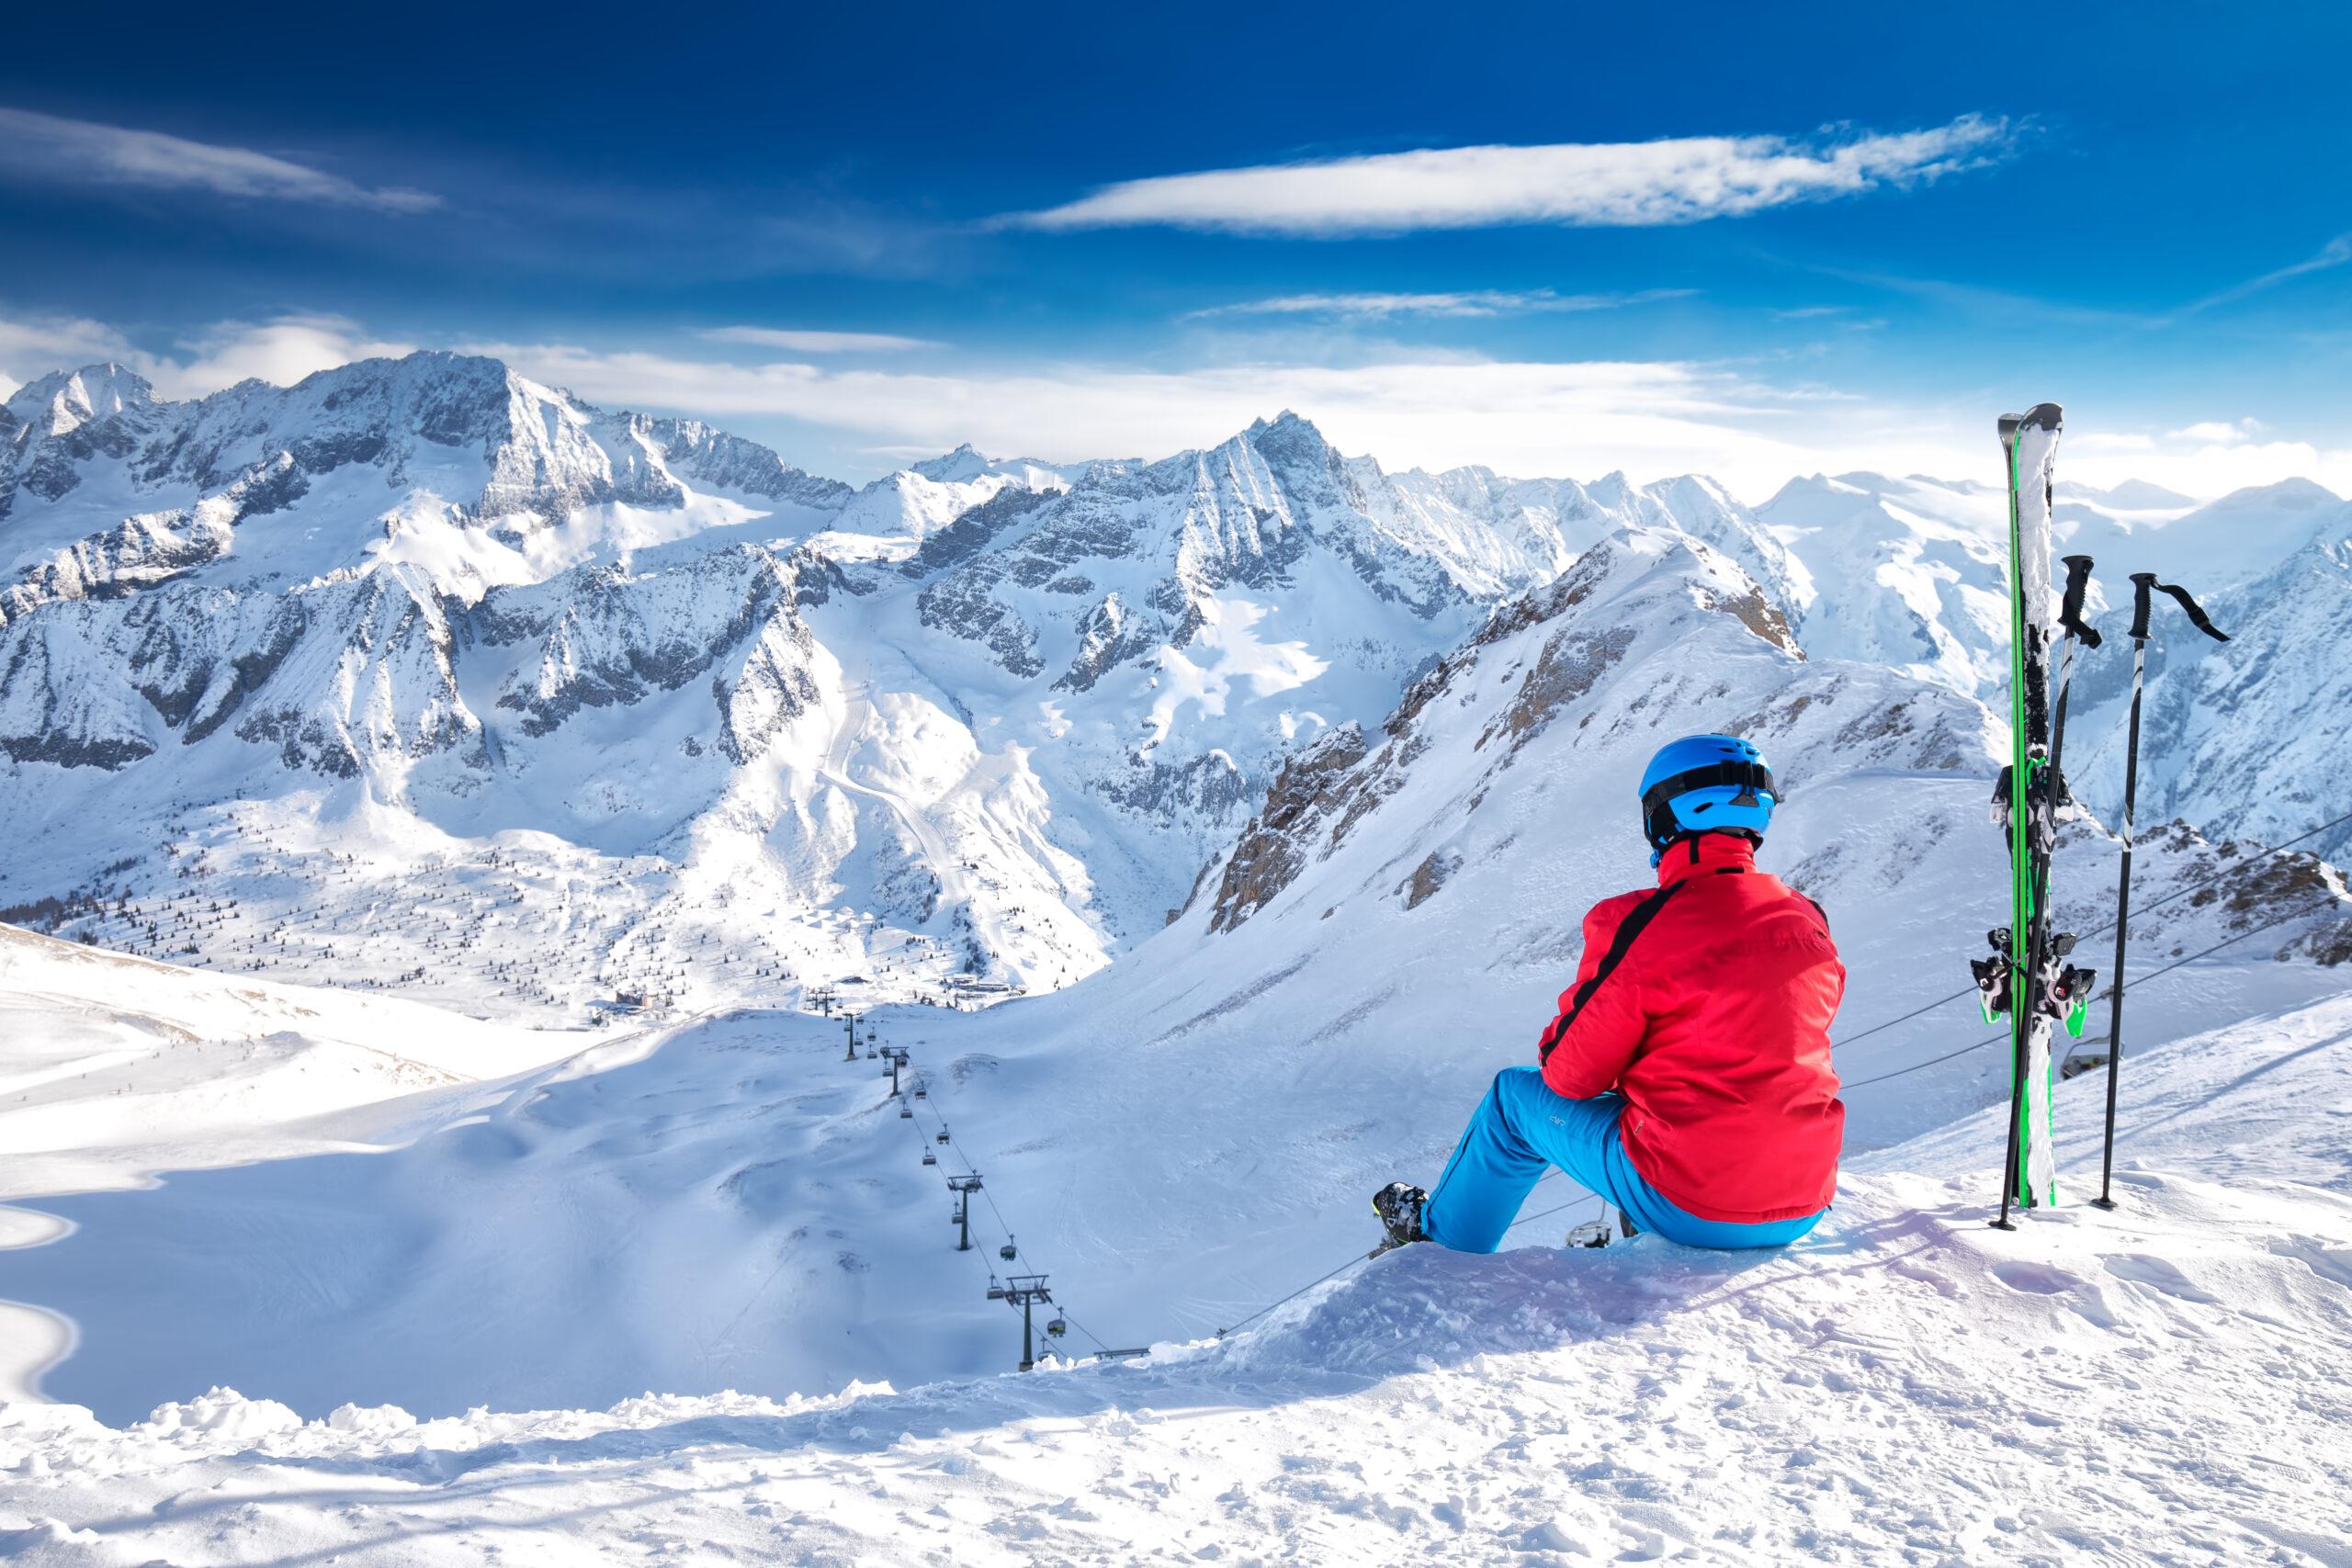 Młody, szczęśliwy narciarz siedzący na szczycie góry i podziwiający widok na Alpy Retyckie, przełęcz Tonale, Włochy, Europa. , licencja: shutterstock/By Eva Bocek